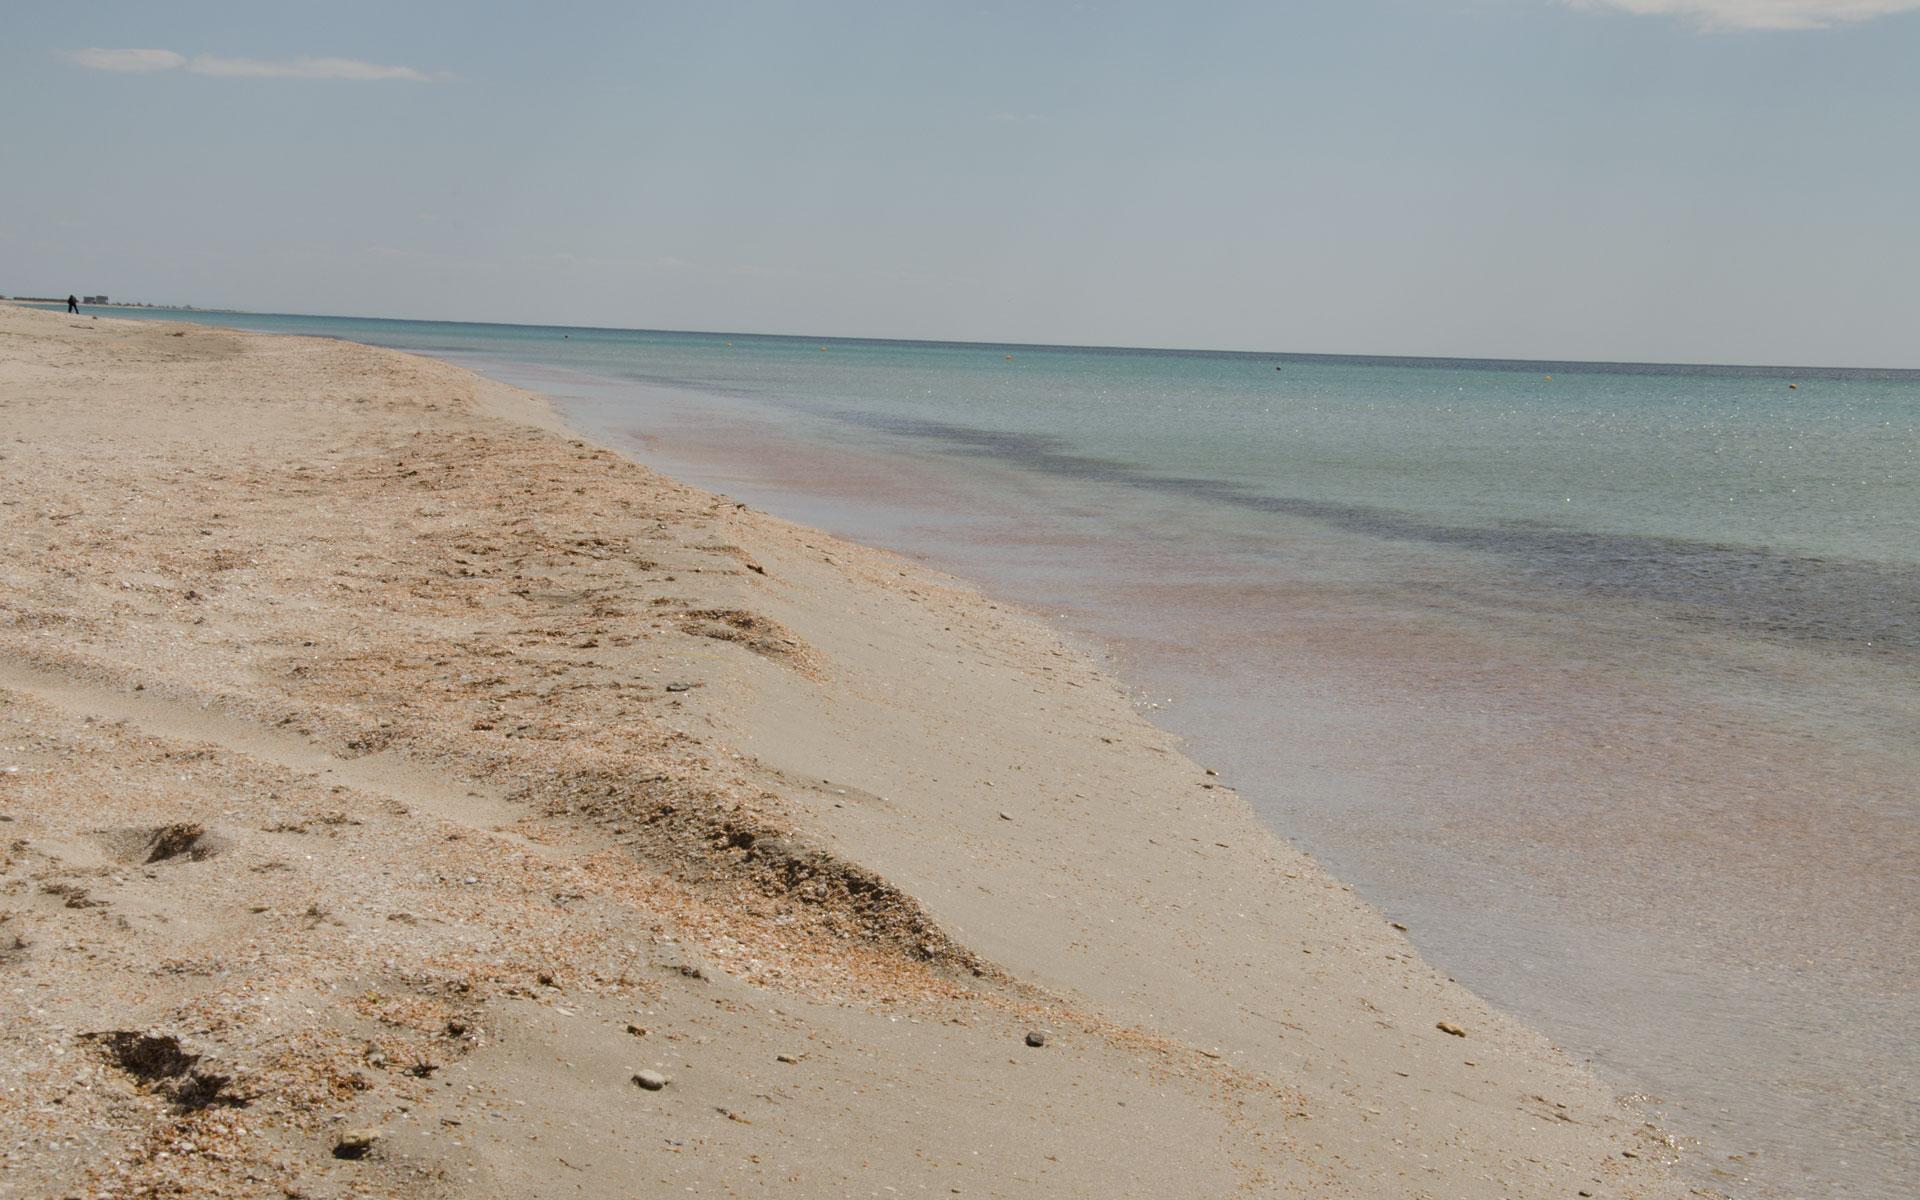 Песчаный пляж весной. Фото Штормового